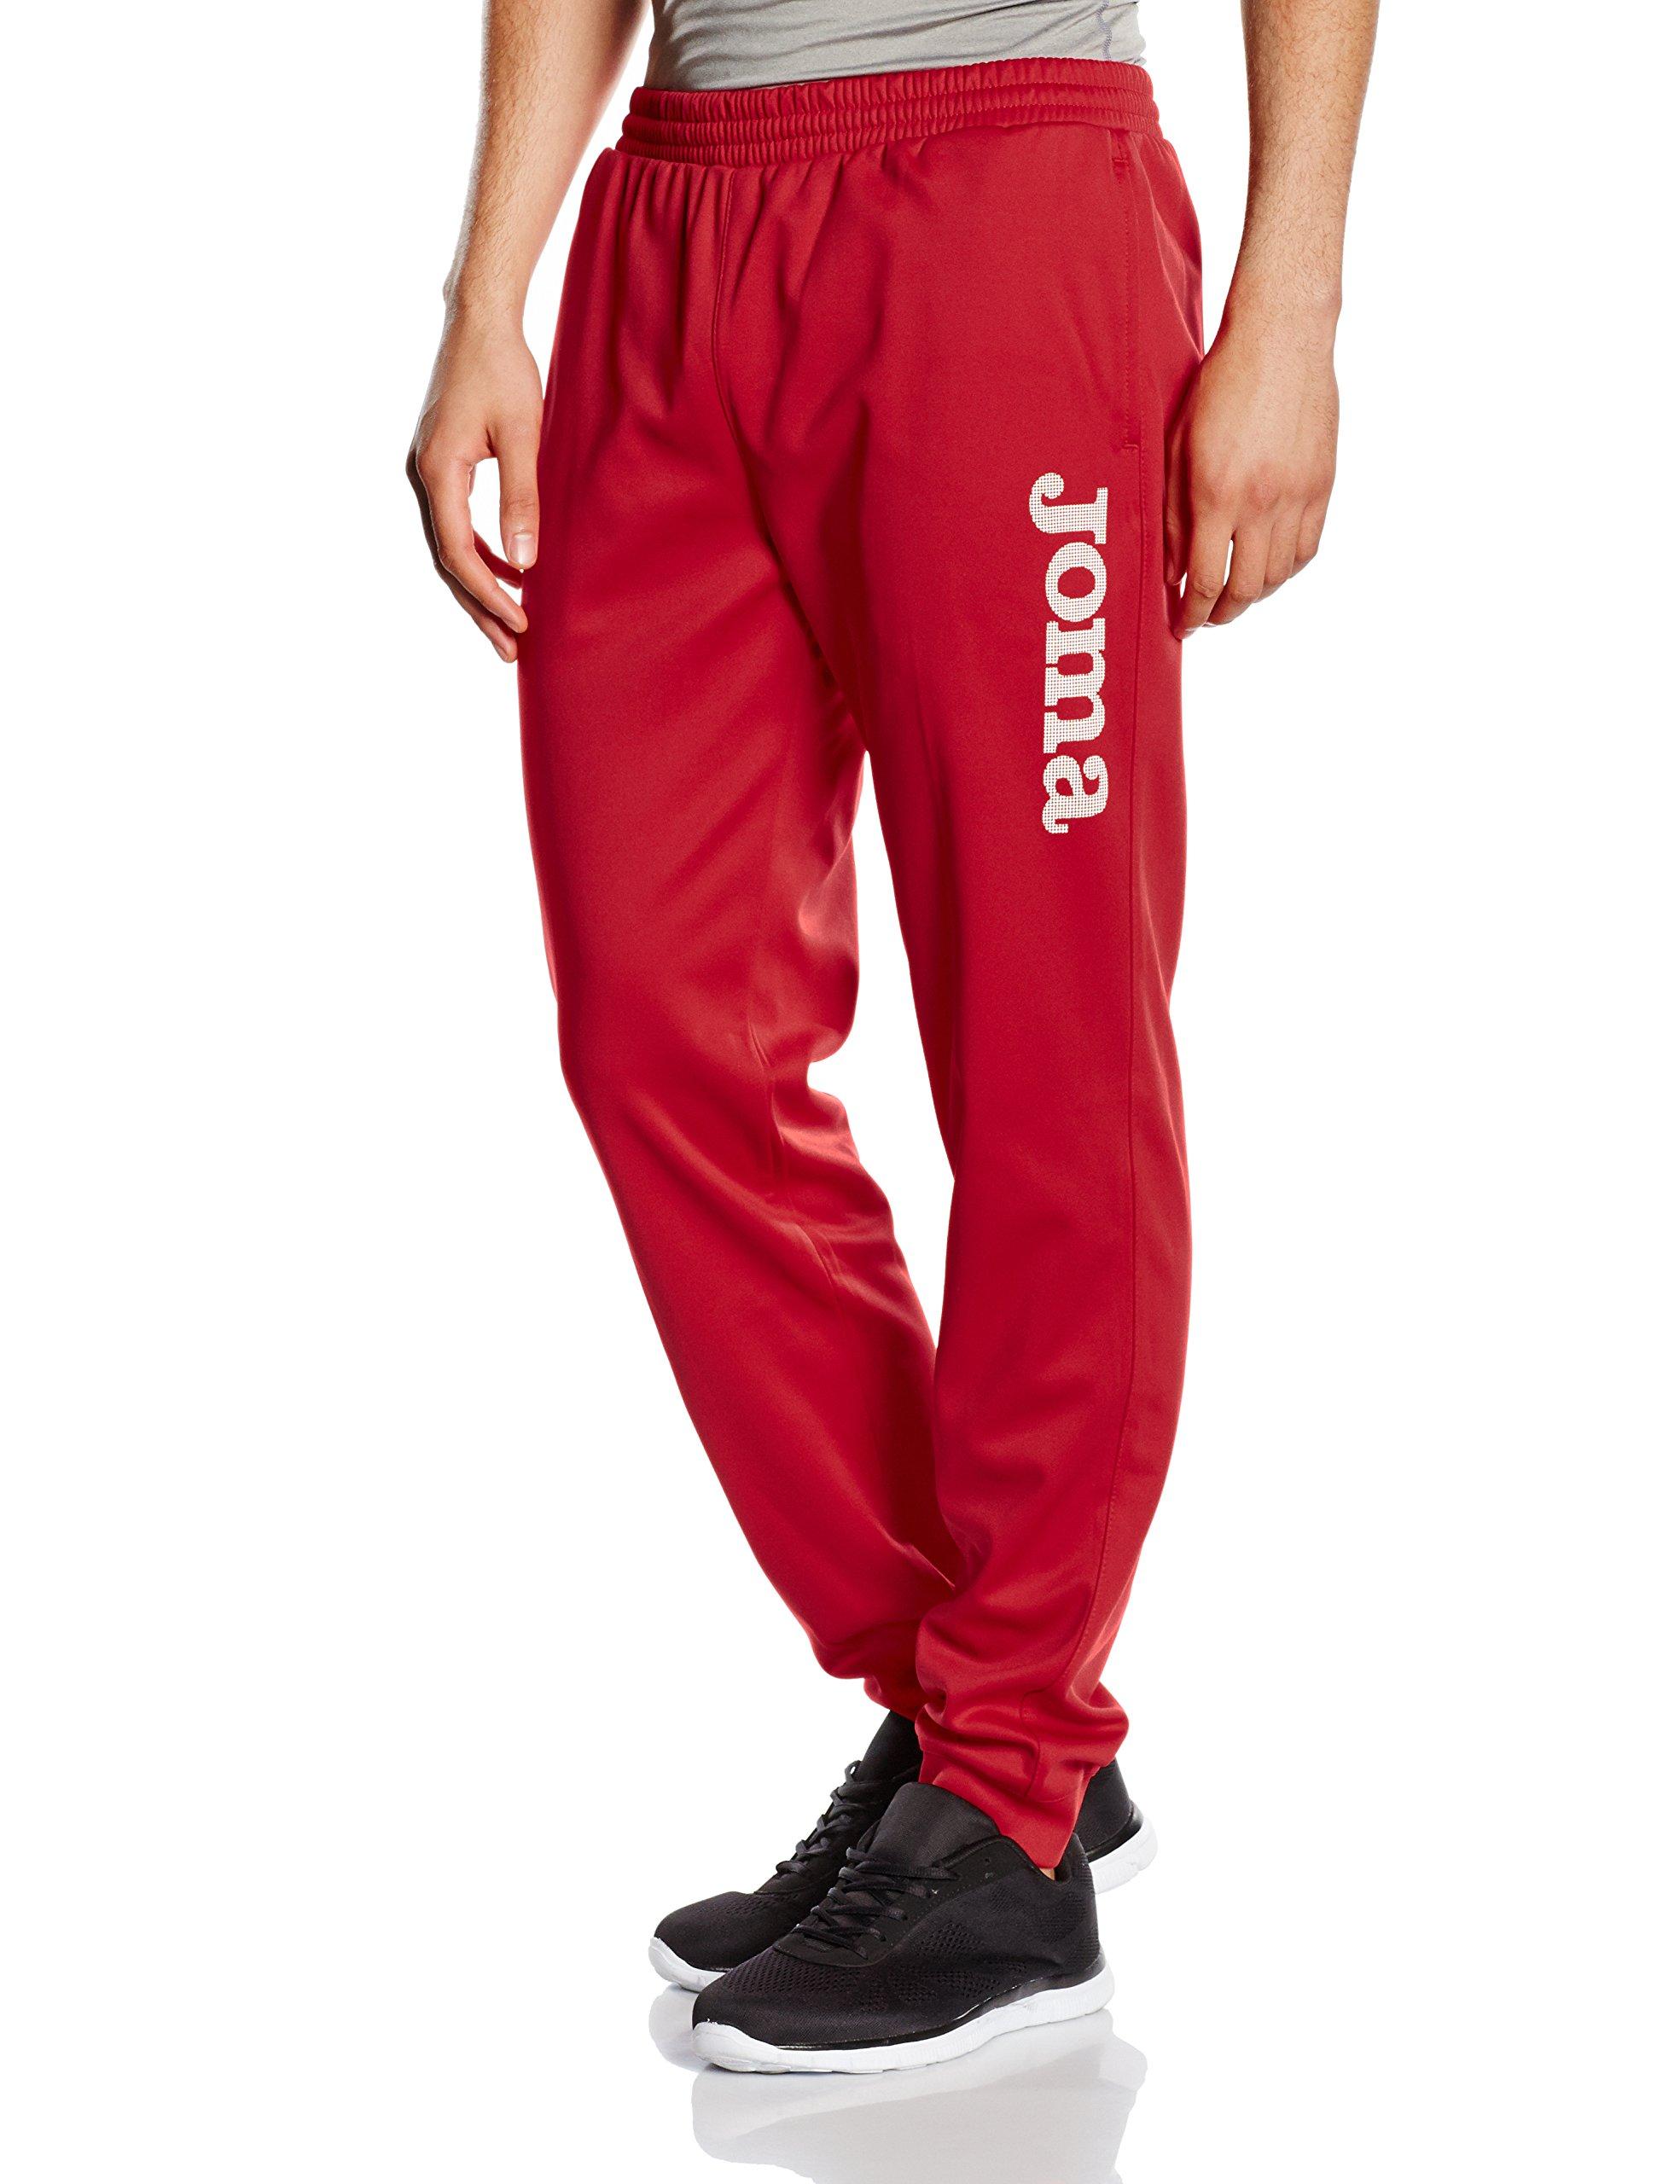 Joma Suez - Pantalón para niños de 4 años, Color Rojo product image